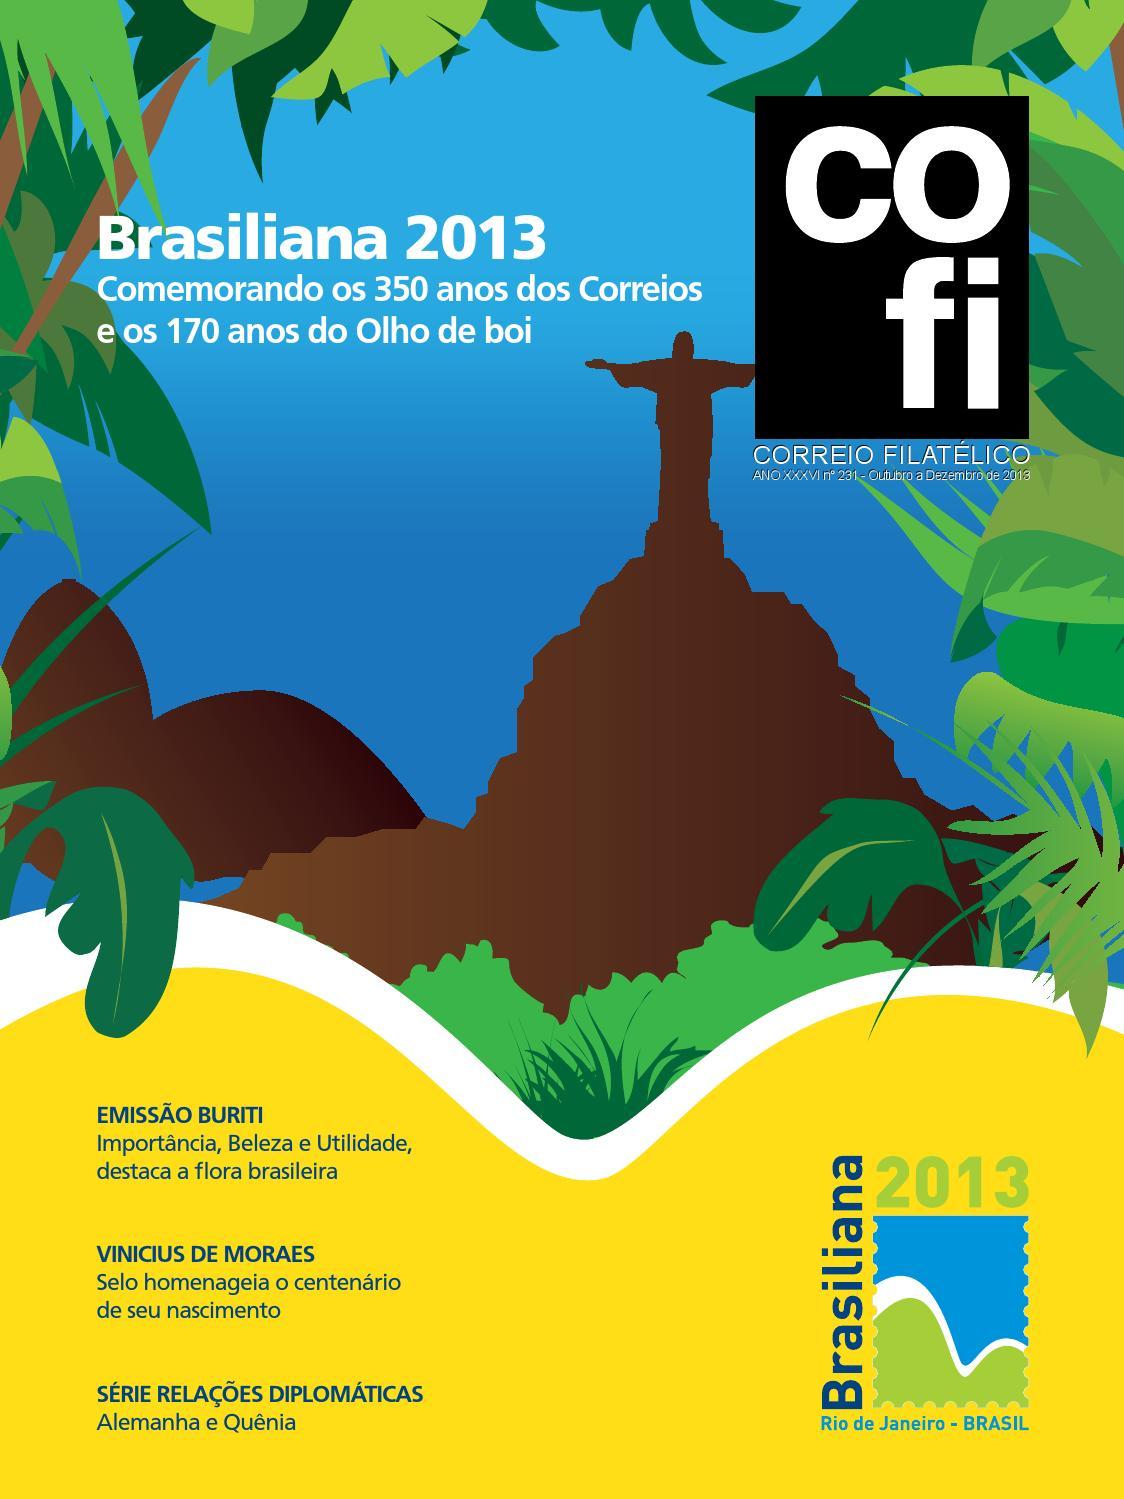 Cofi 231 by Correios – Empresa Brasileira de Correios e Telégrafos - issuu f2c139547cc3c